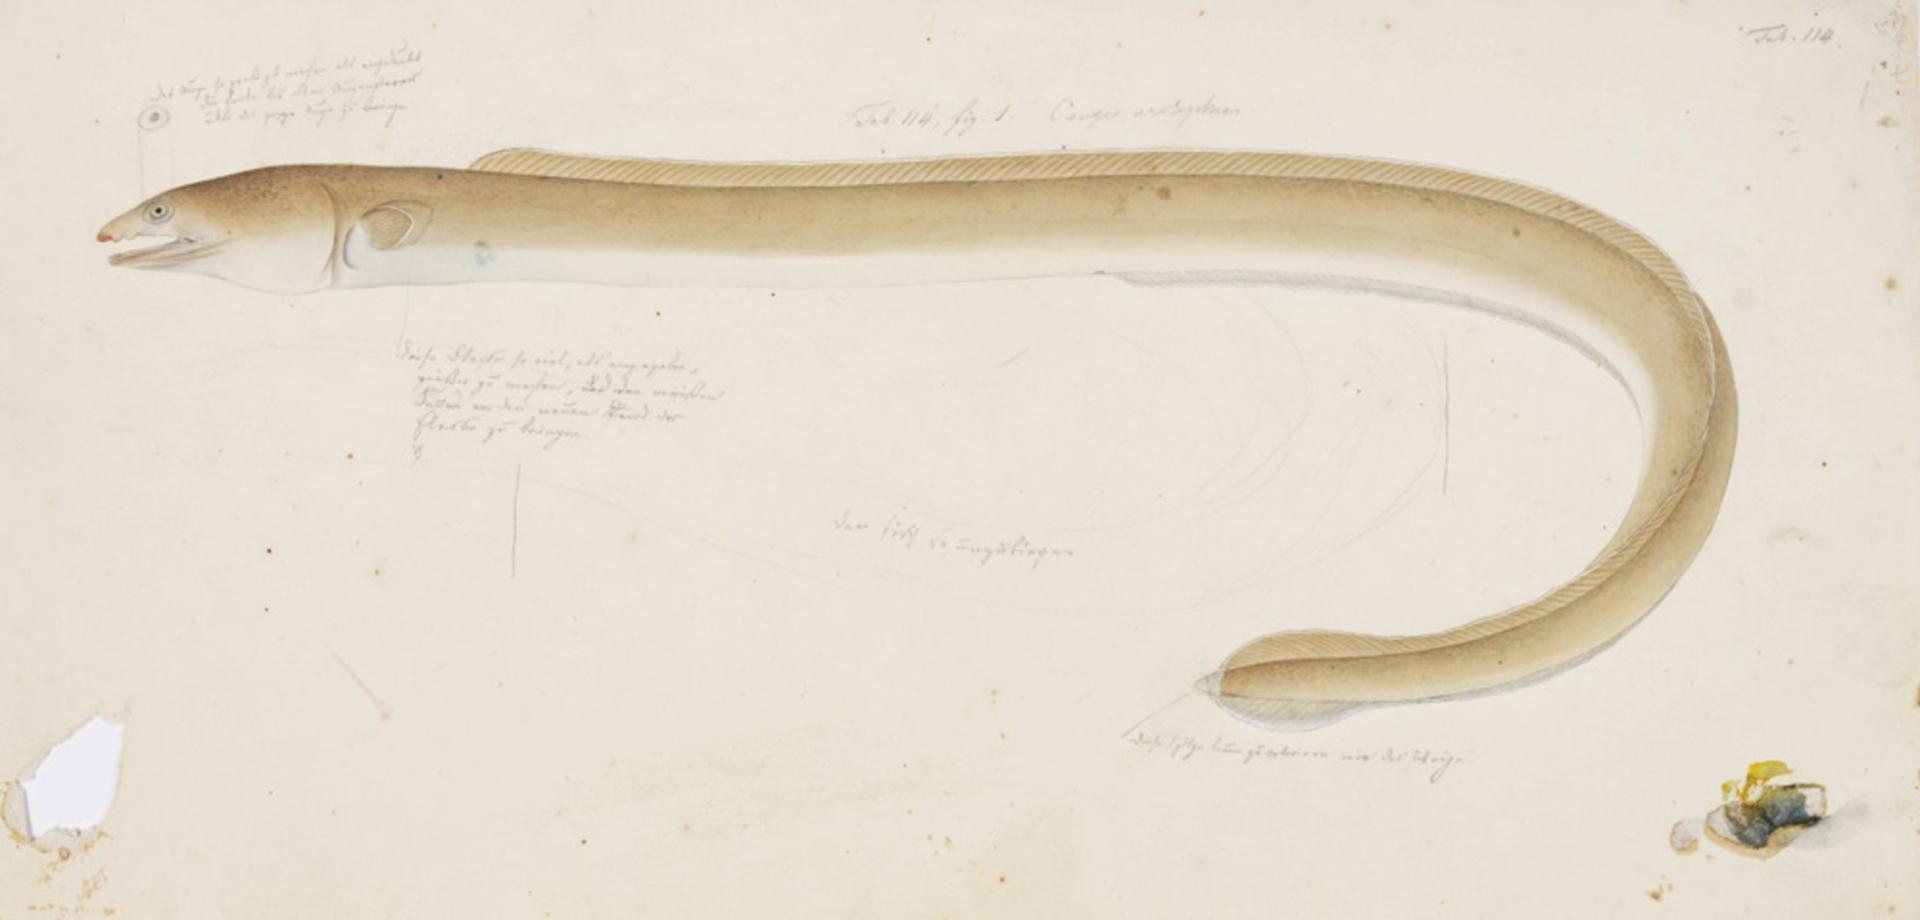 Image of Manetail snake eel